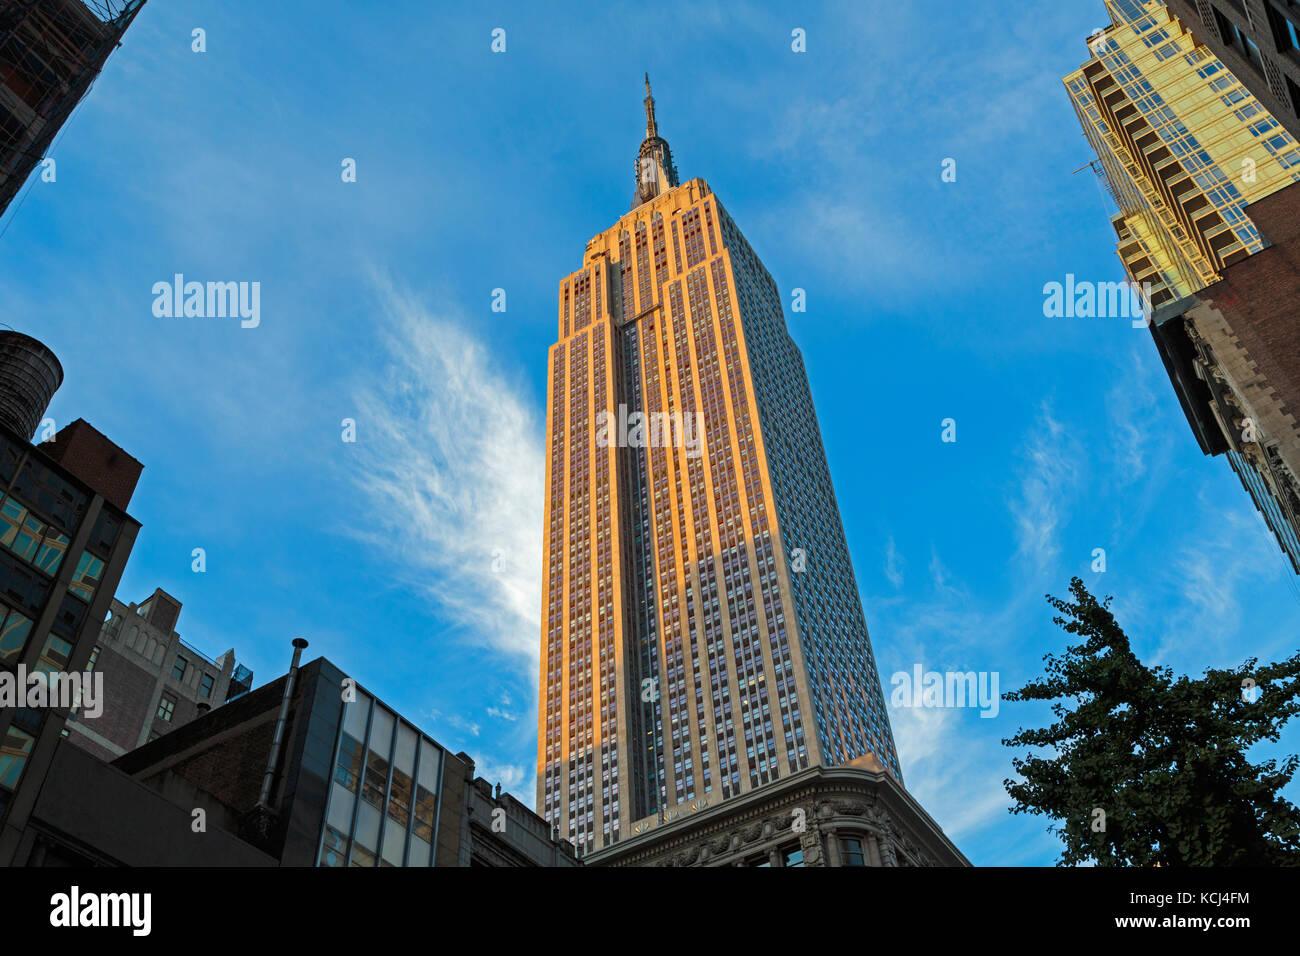 La ciudad de Nueva York, Estado de Nueva York, Estados Unidos de América. El Empire State Building de rascacielos. Imagen De Stock